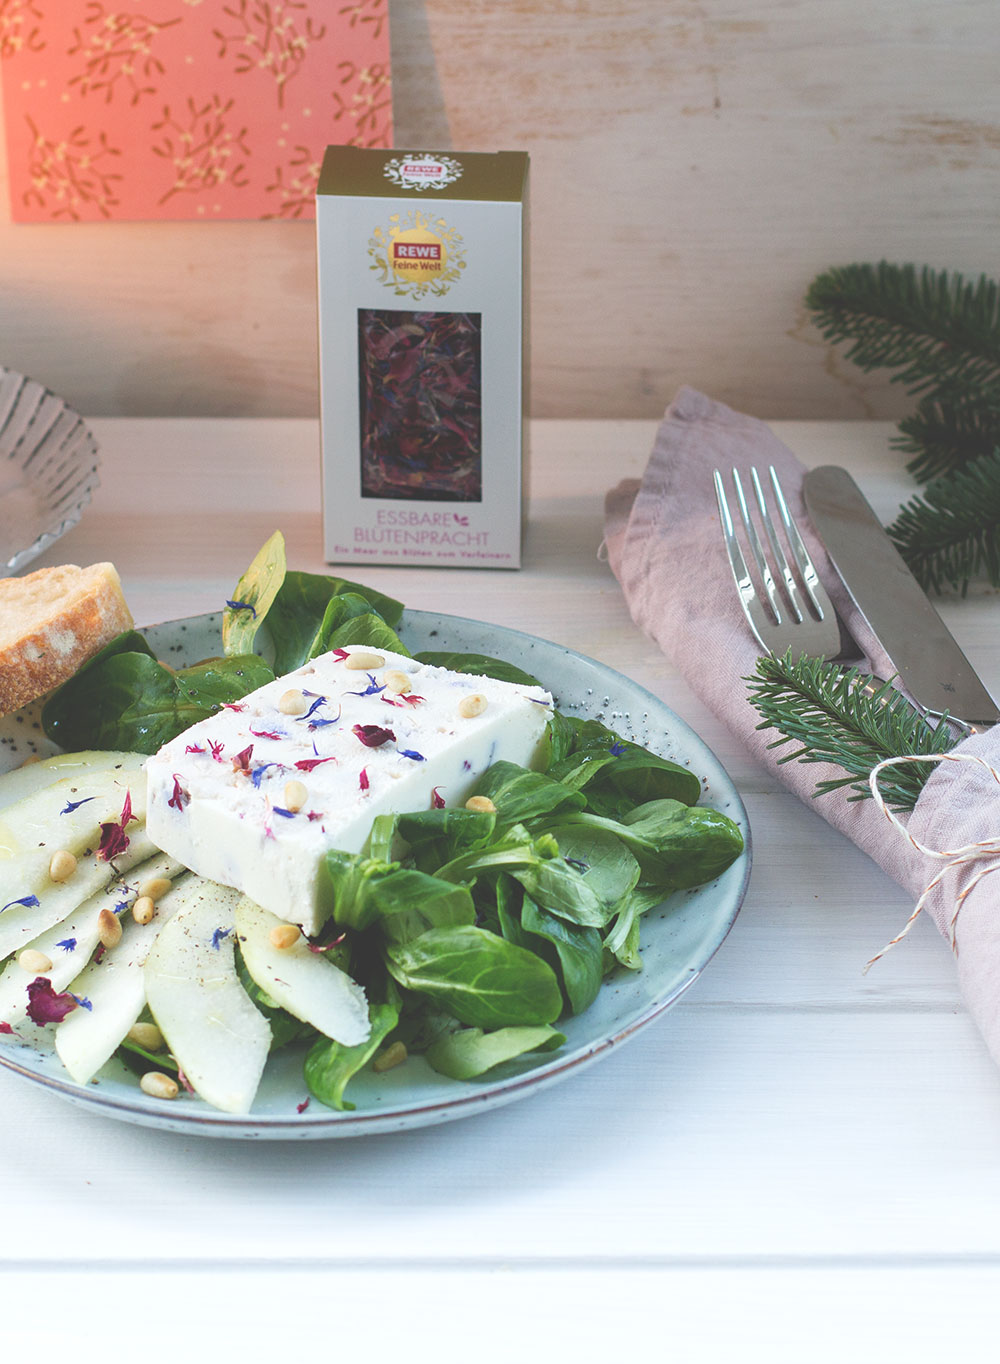 Feldsalat mit Birne, Pinienkernen und Ziegenfrischkäse-Blüten-Terrine | REWE Feine Welt Adventsbotschafter | Vorspeise von moeyskitchen.com